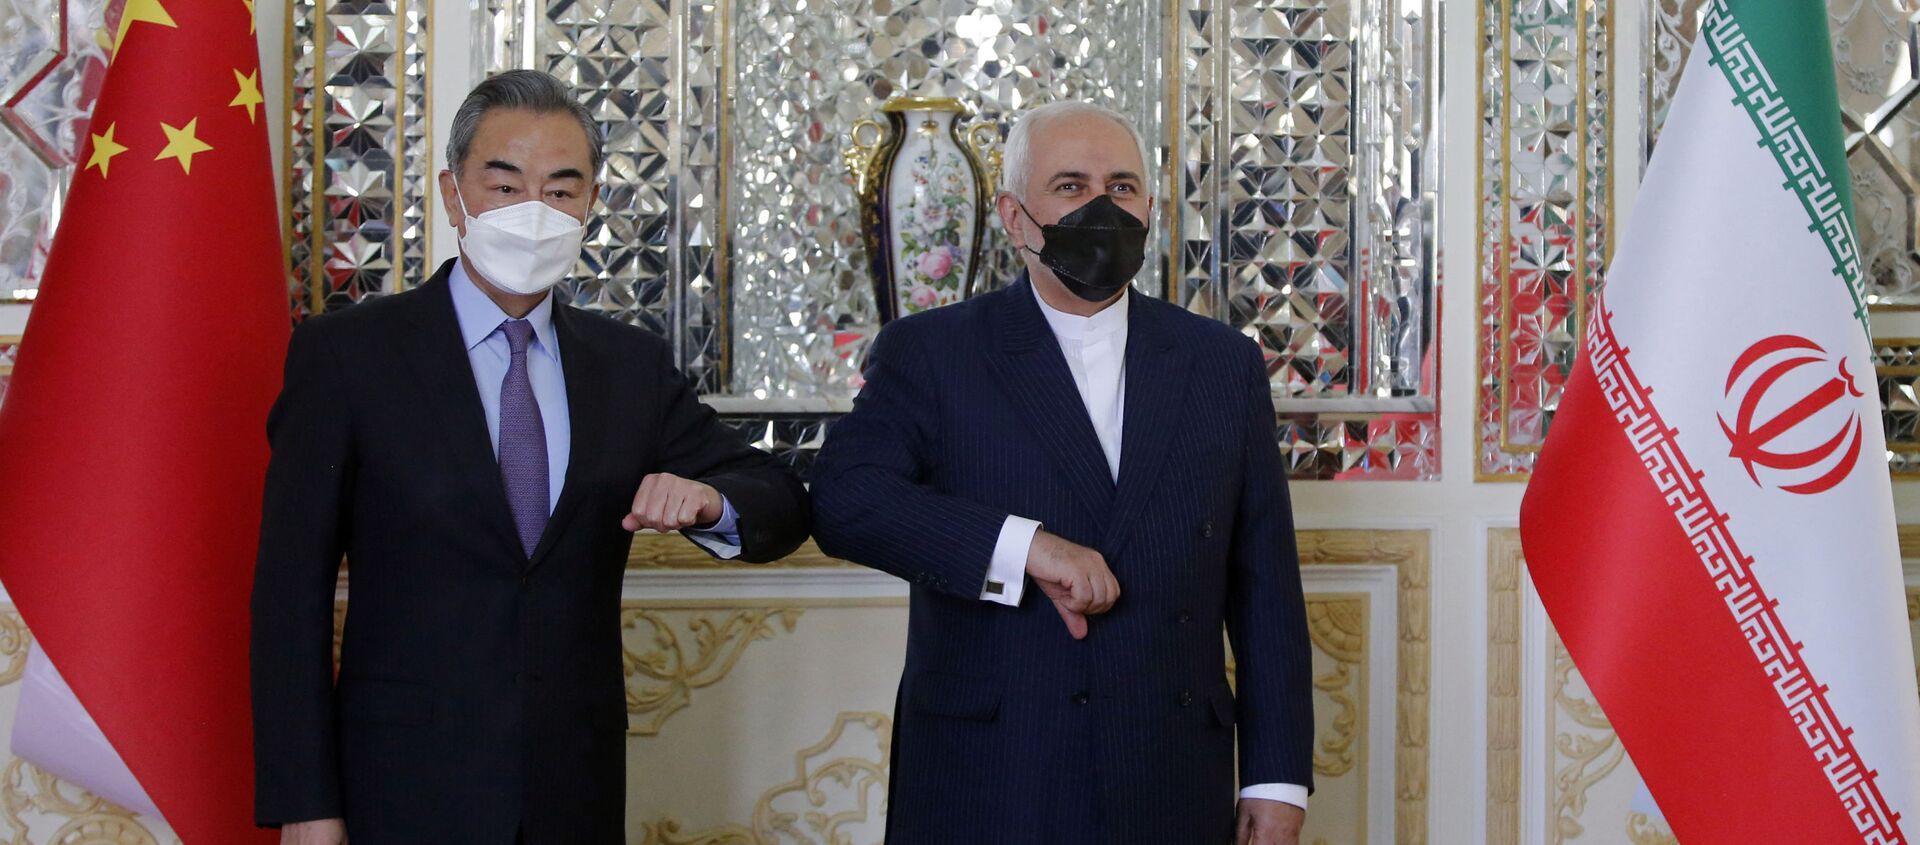 Министр иностранных дел Ирана Мохаммад Джавад Зариф приветствует своего китайского коллегу Ван И в столице Тегеране, Иран - Sputnik Italia, 1920, 27.03.2021